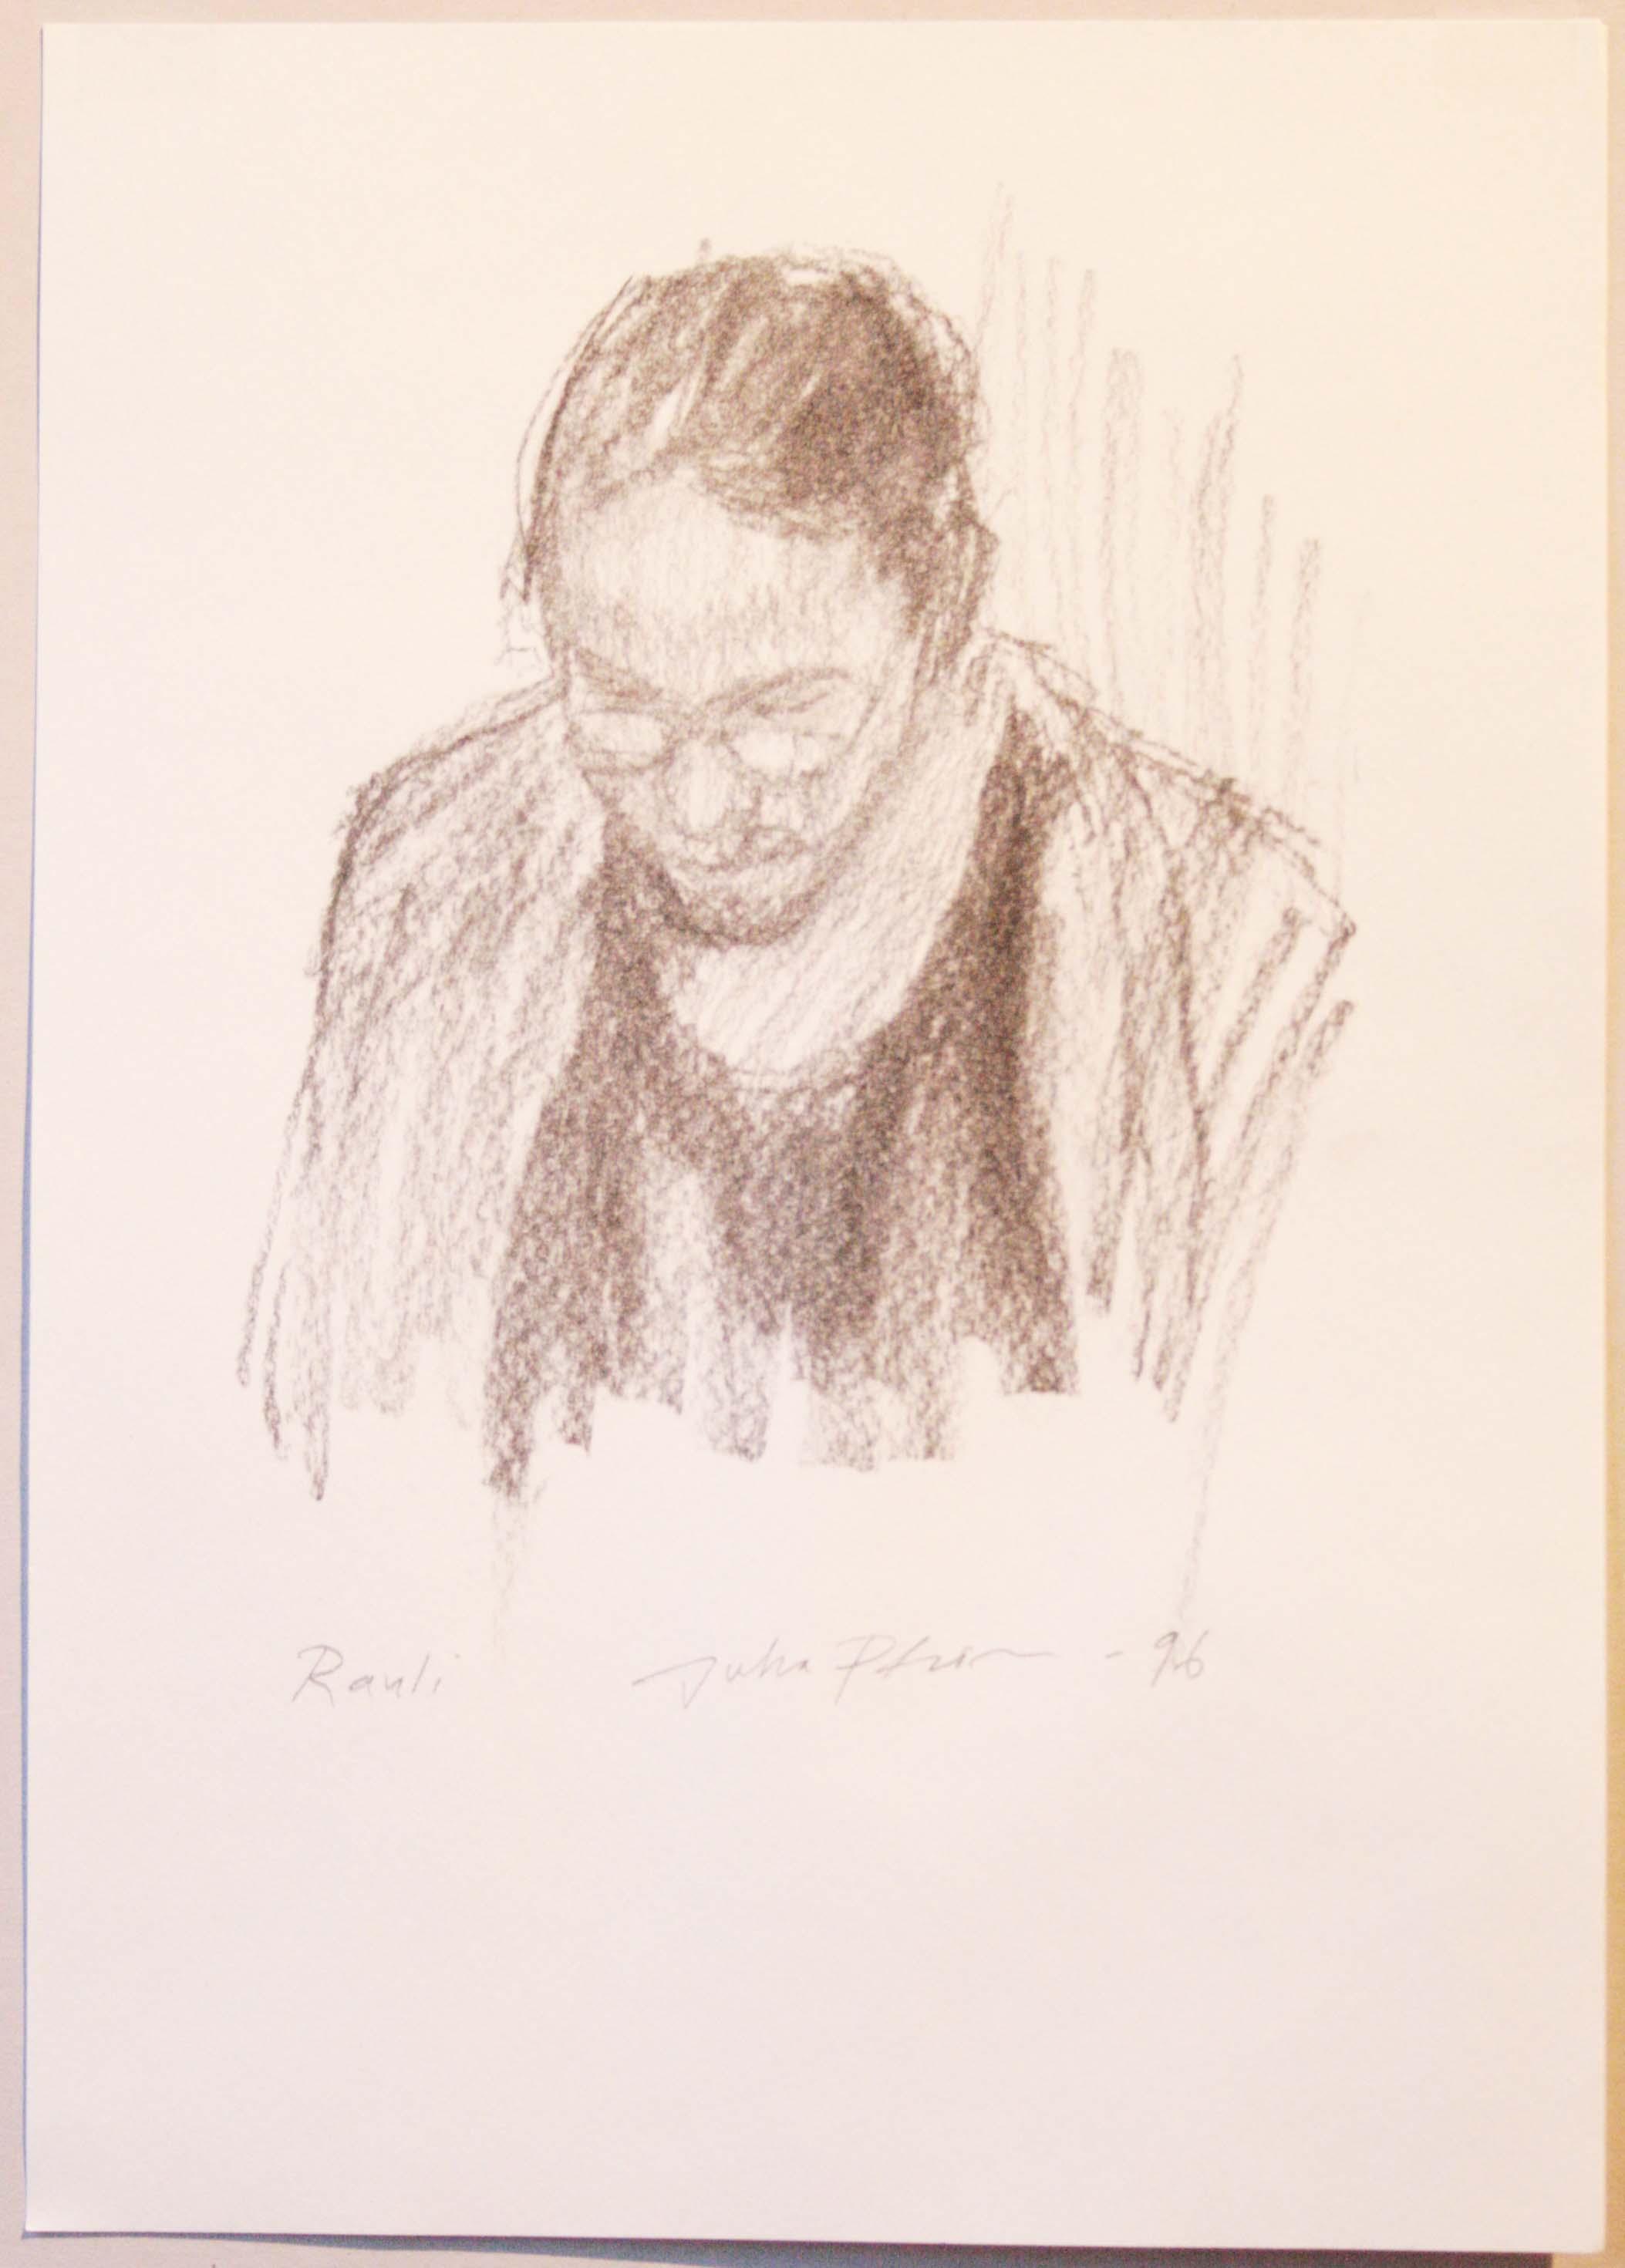 Rauli,29,5x20,5cm,hiili,1996